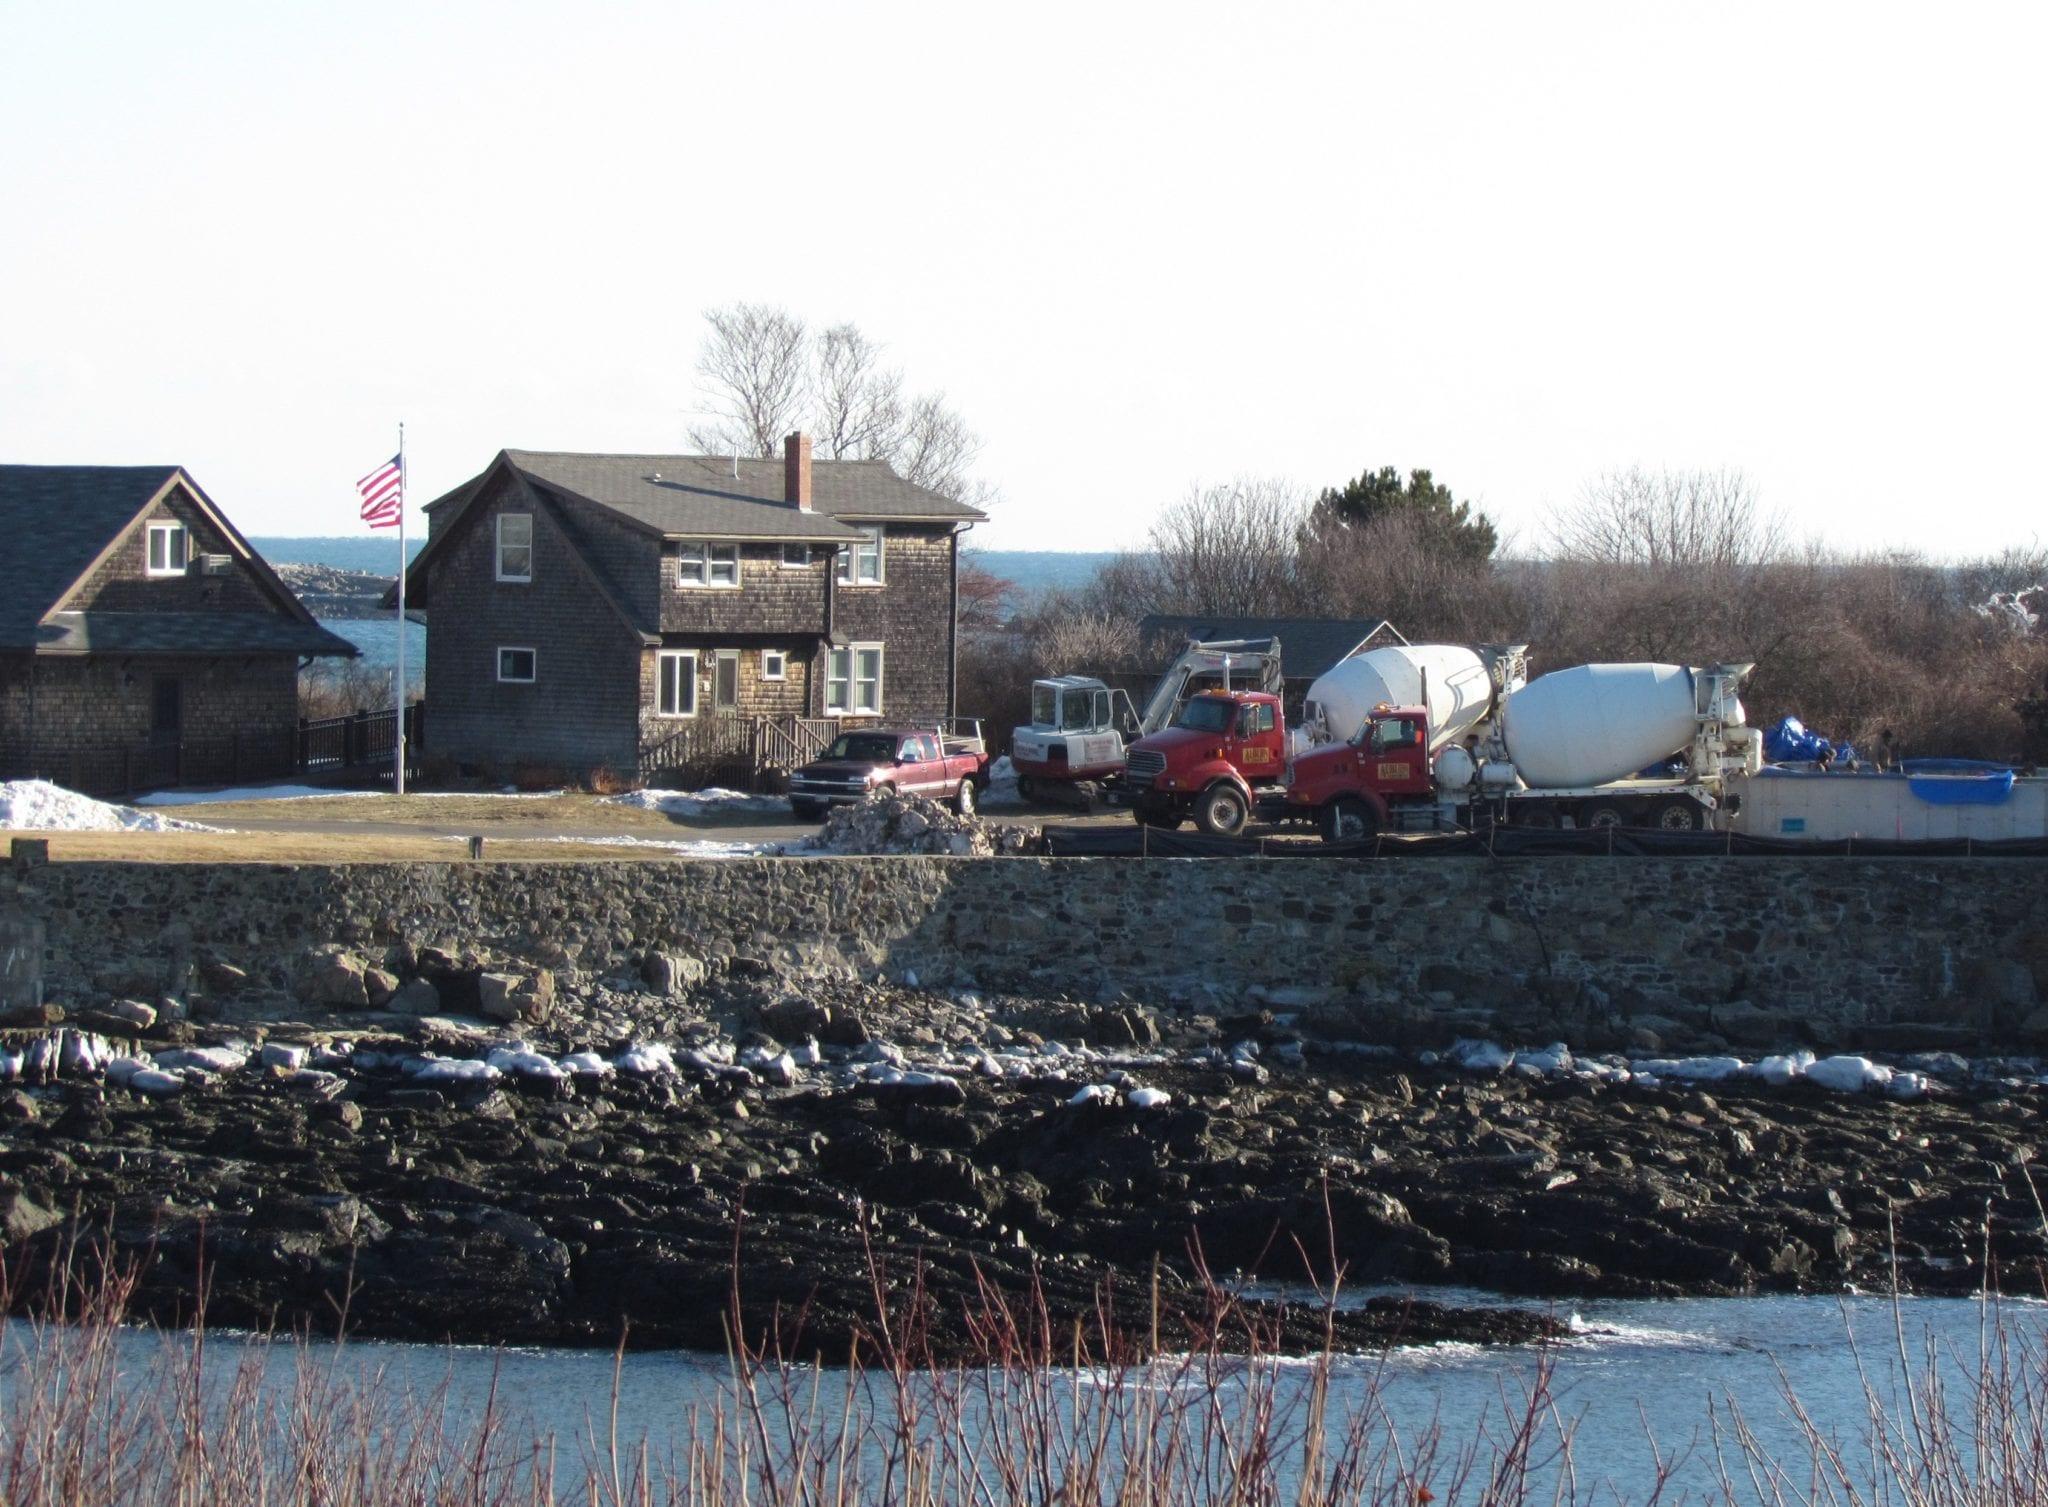 Walker Point in Kennebunk, Maine